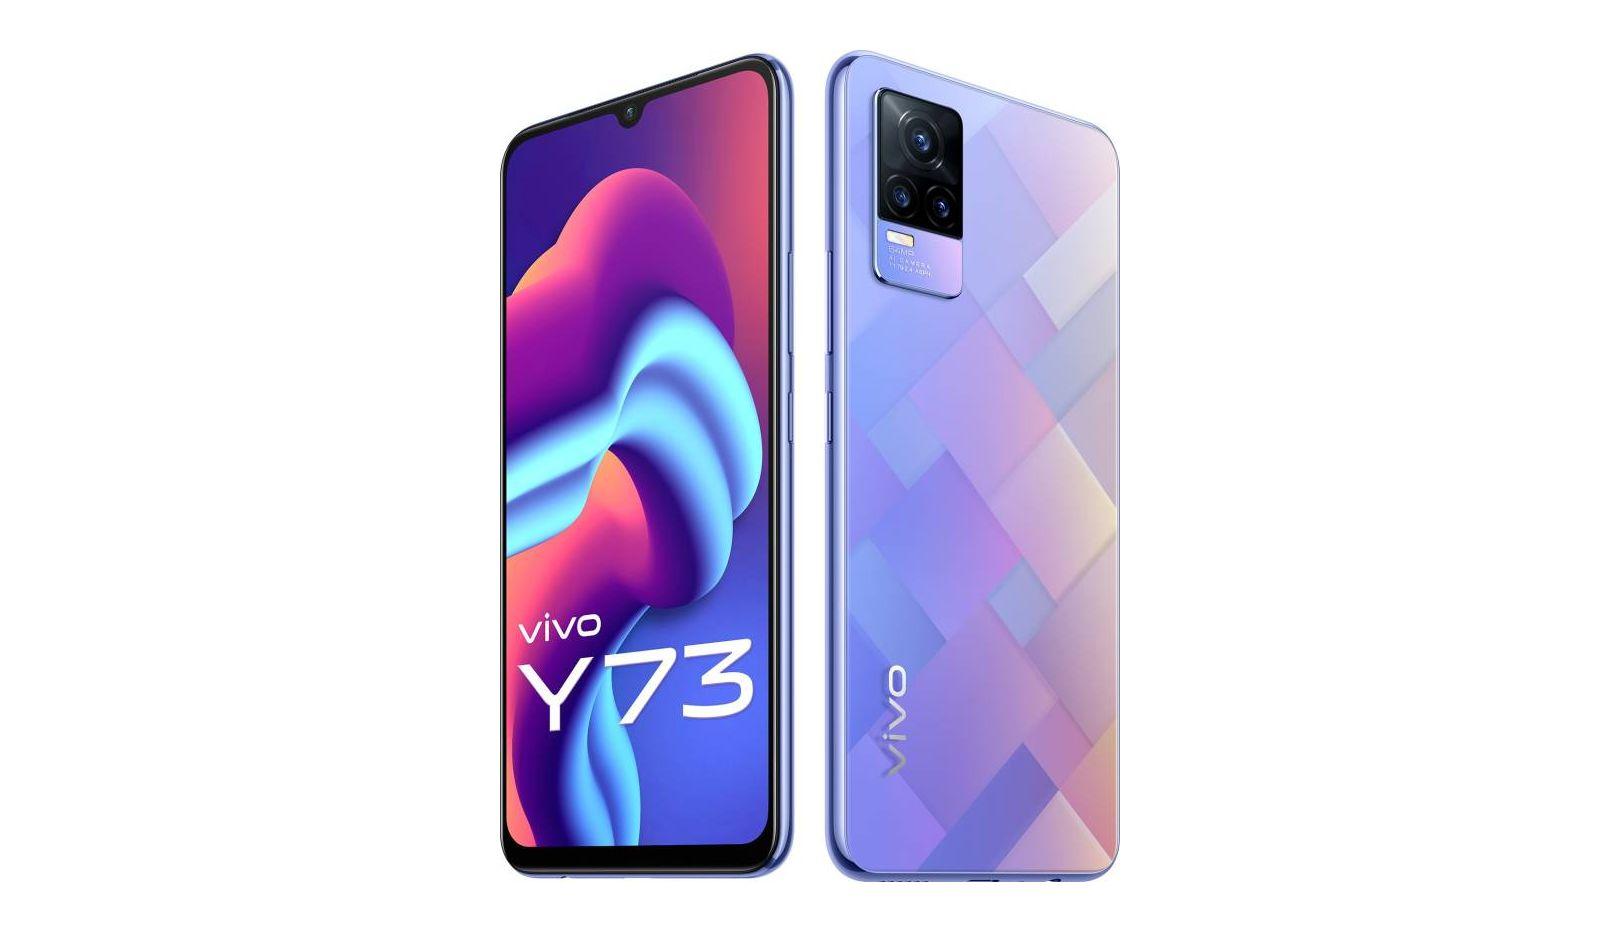 Vivo Y73 , Vivo Y73 Cam ,Vivo Y73 Camera test,Vivo Y73 Screen Repair, Vivo Y73 Camera, Vivo Y73 Unboxing, Vivo Y73 Hands-on